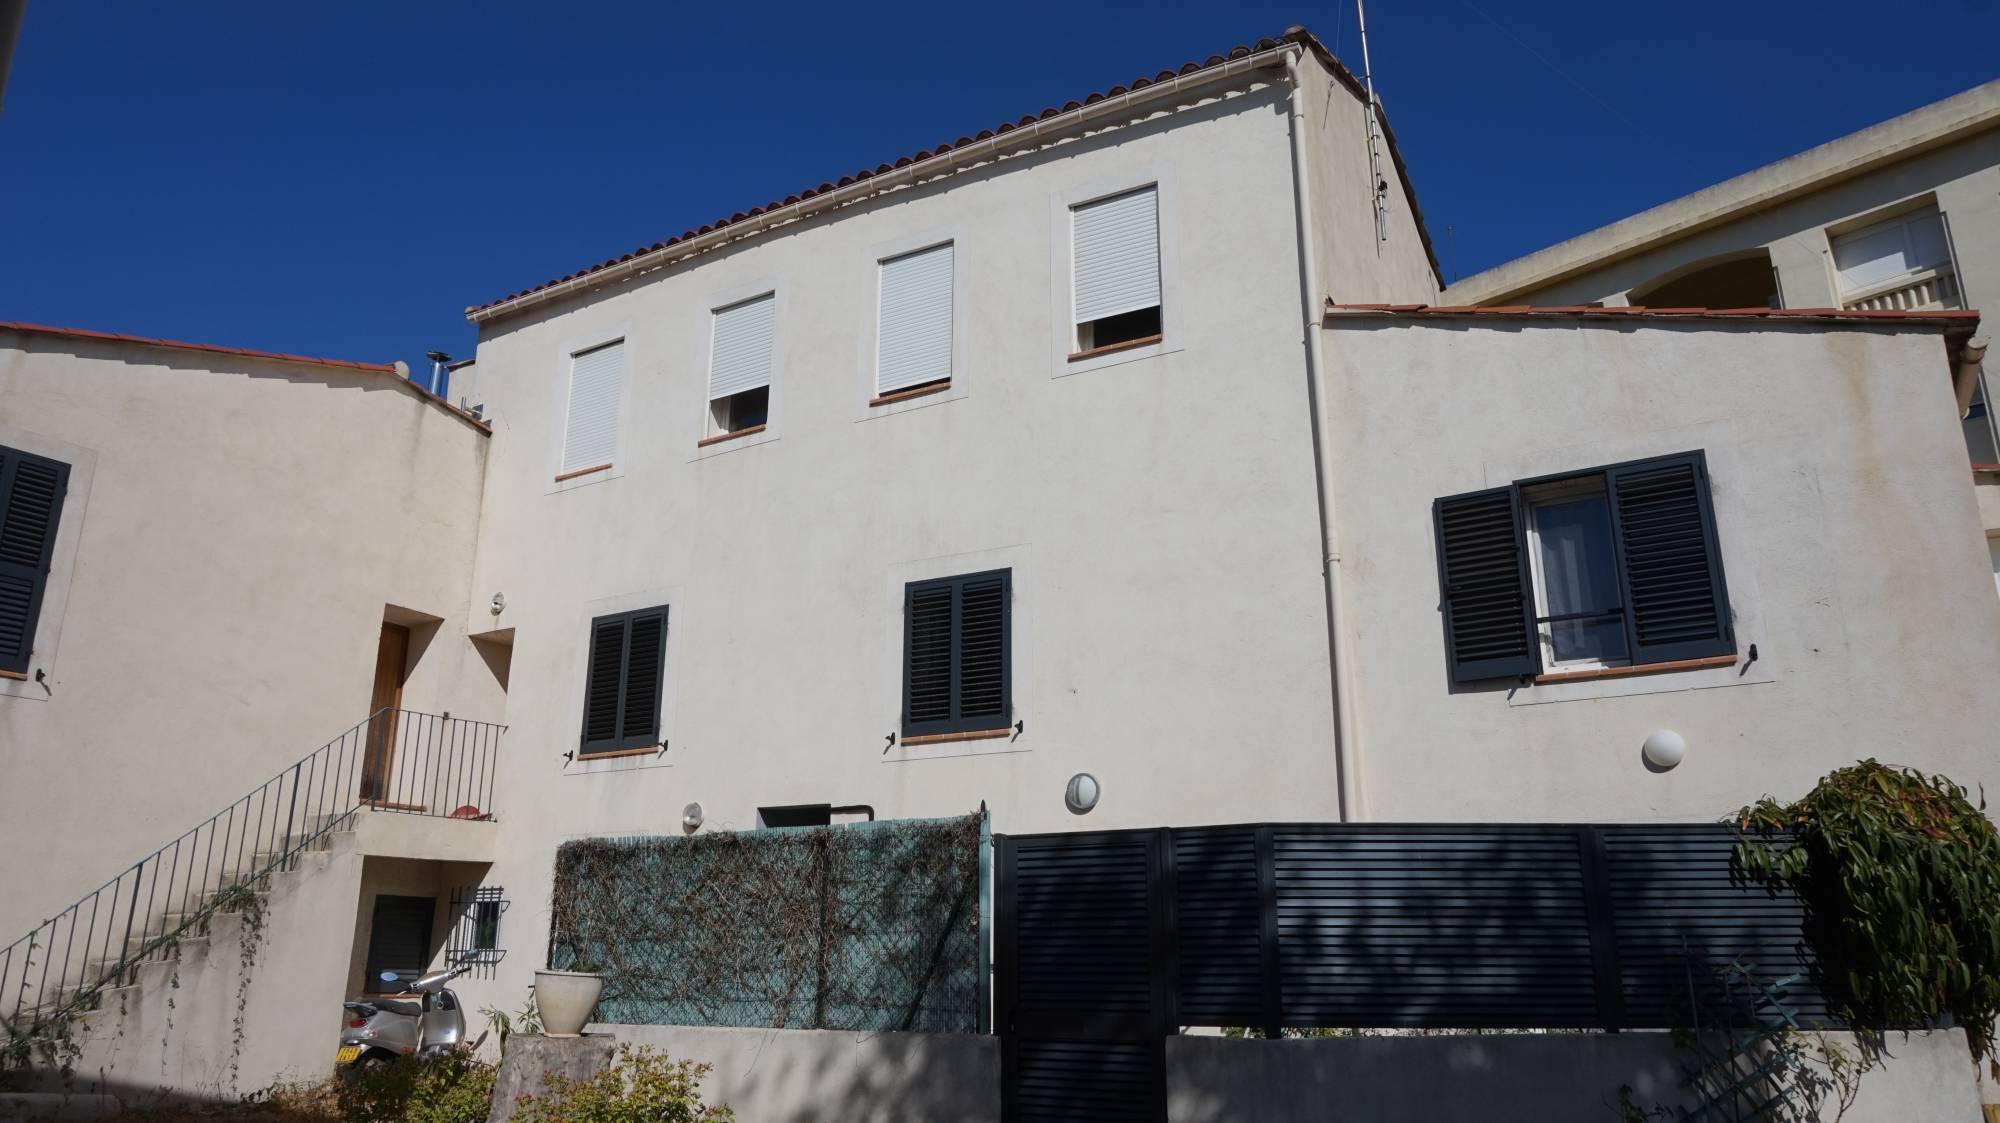 Maison Avec Piscine Et Jardin À Louer Marseille 13 ... à Maison Avec Jardin A Louer